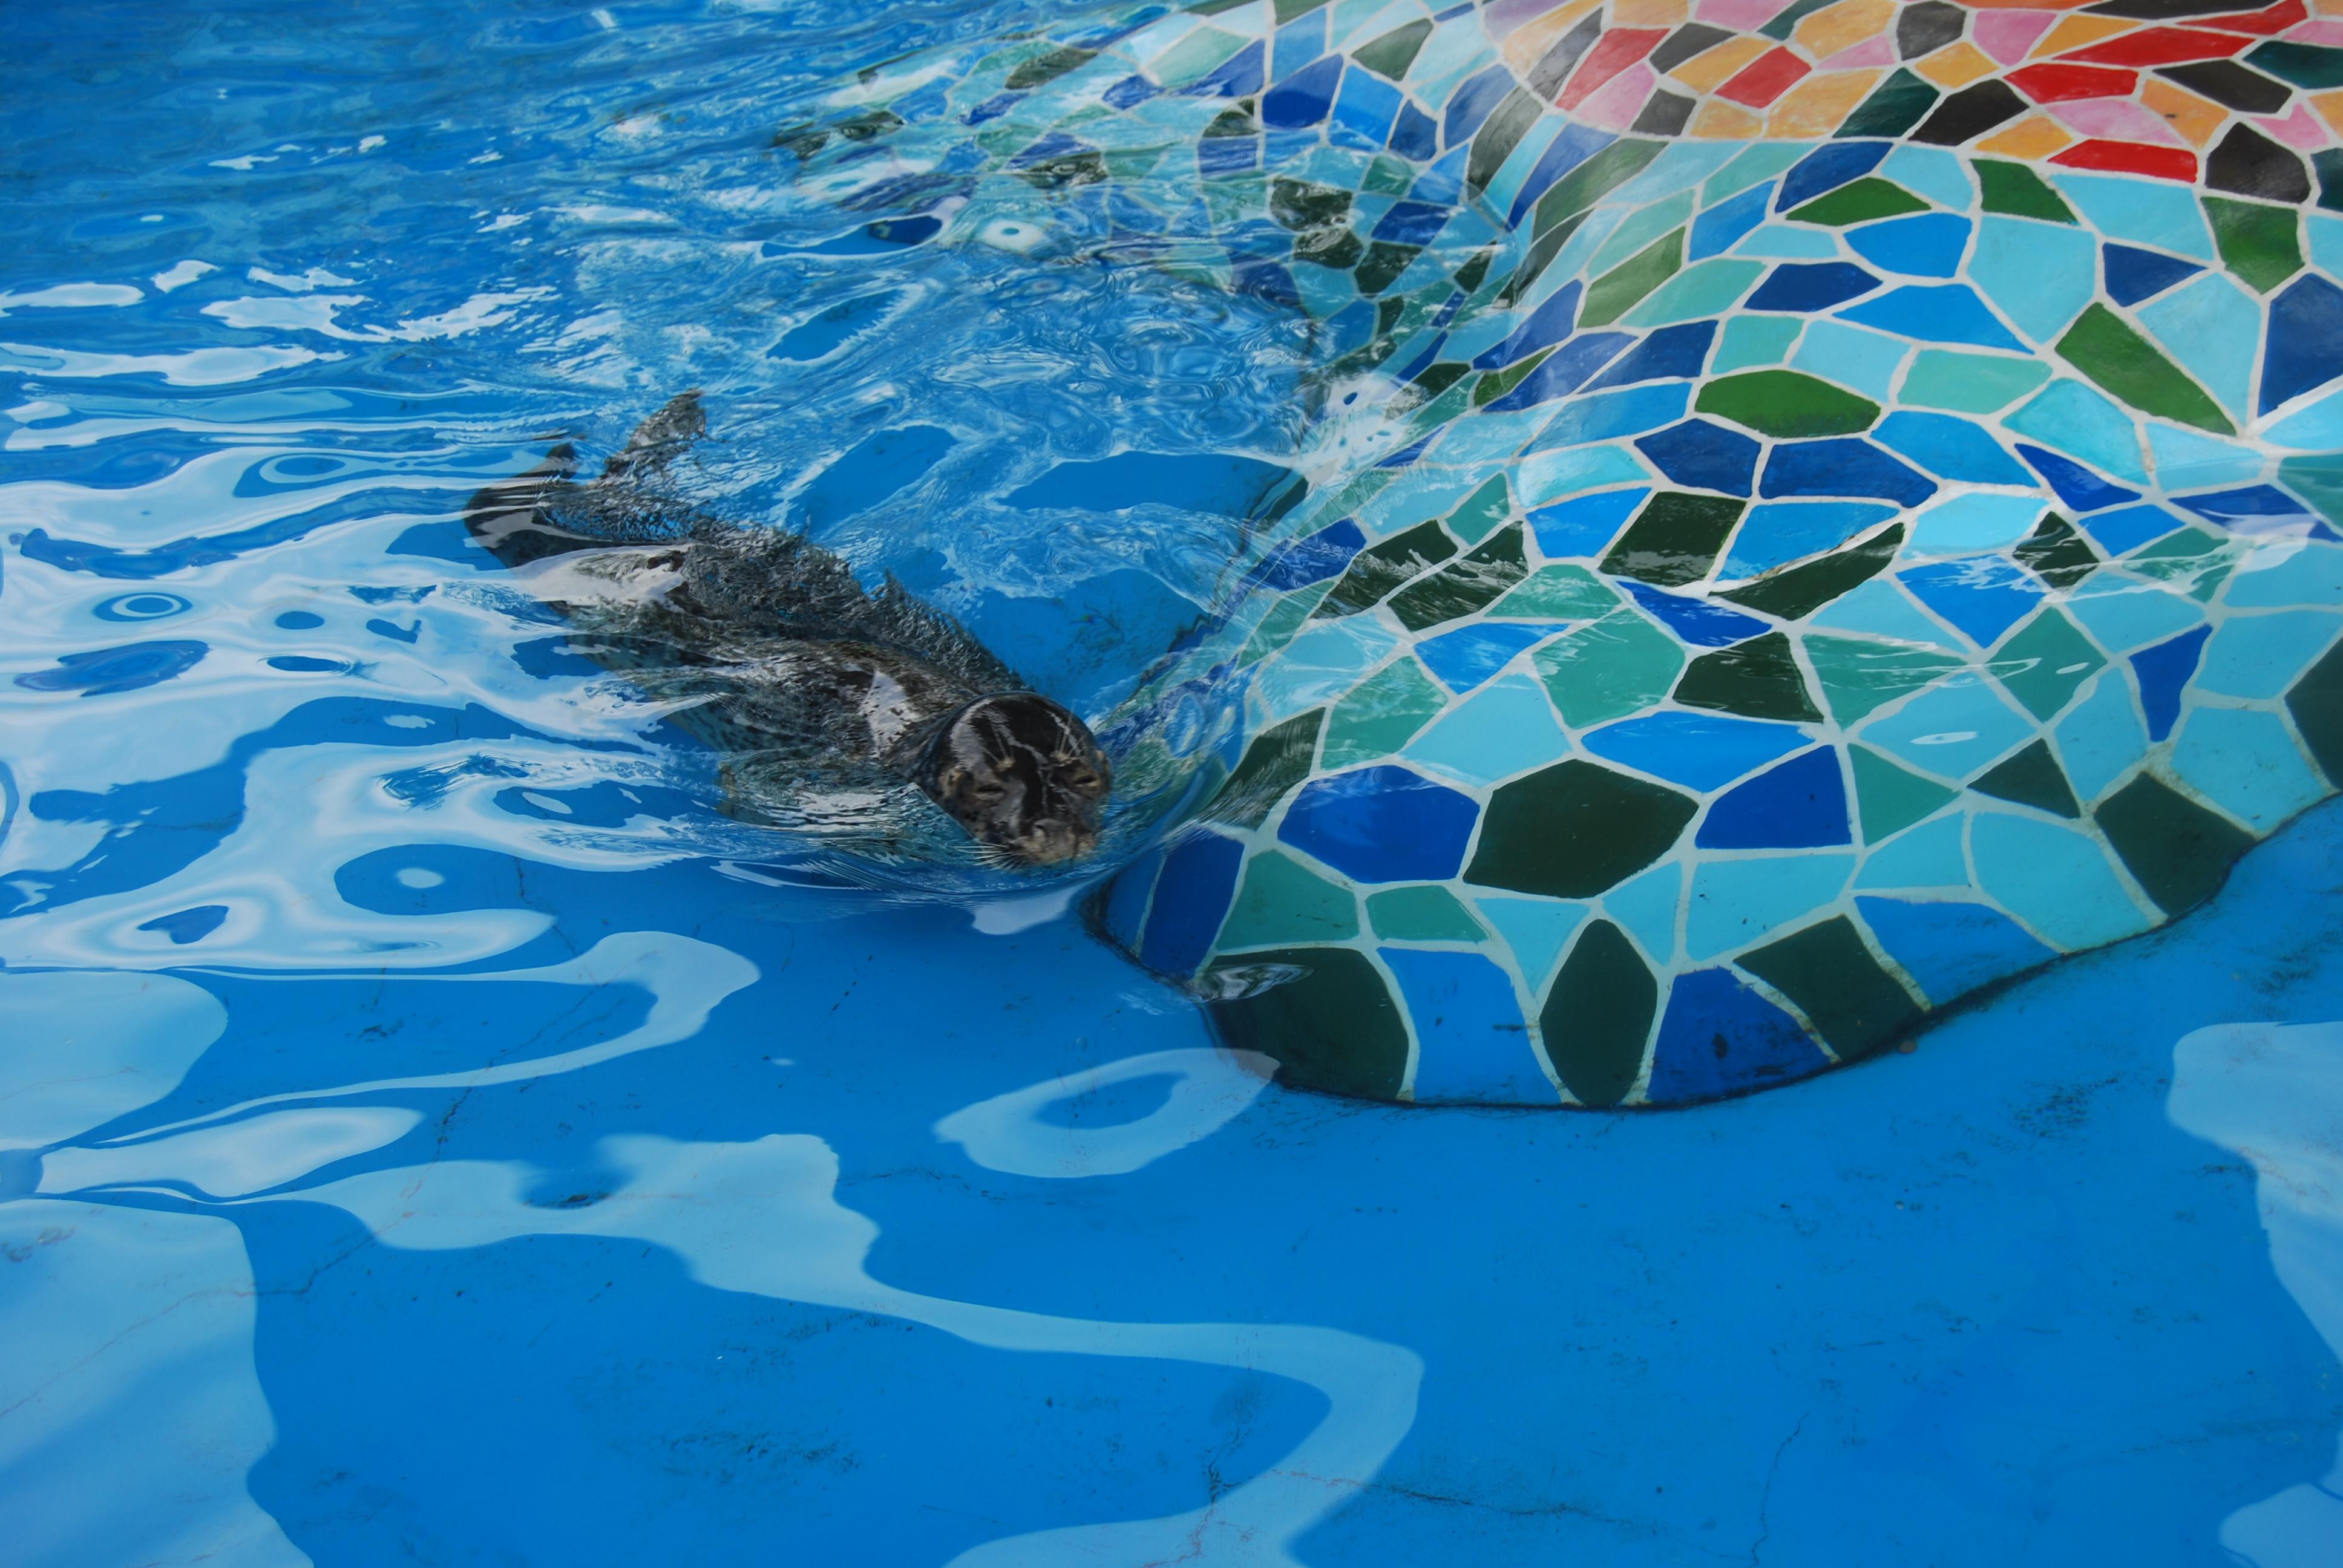 壁纸 海底 海底世界 海洋馆 水族馆 桌面 3872_2592